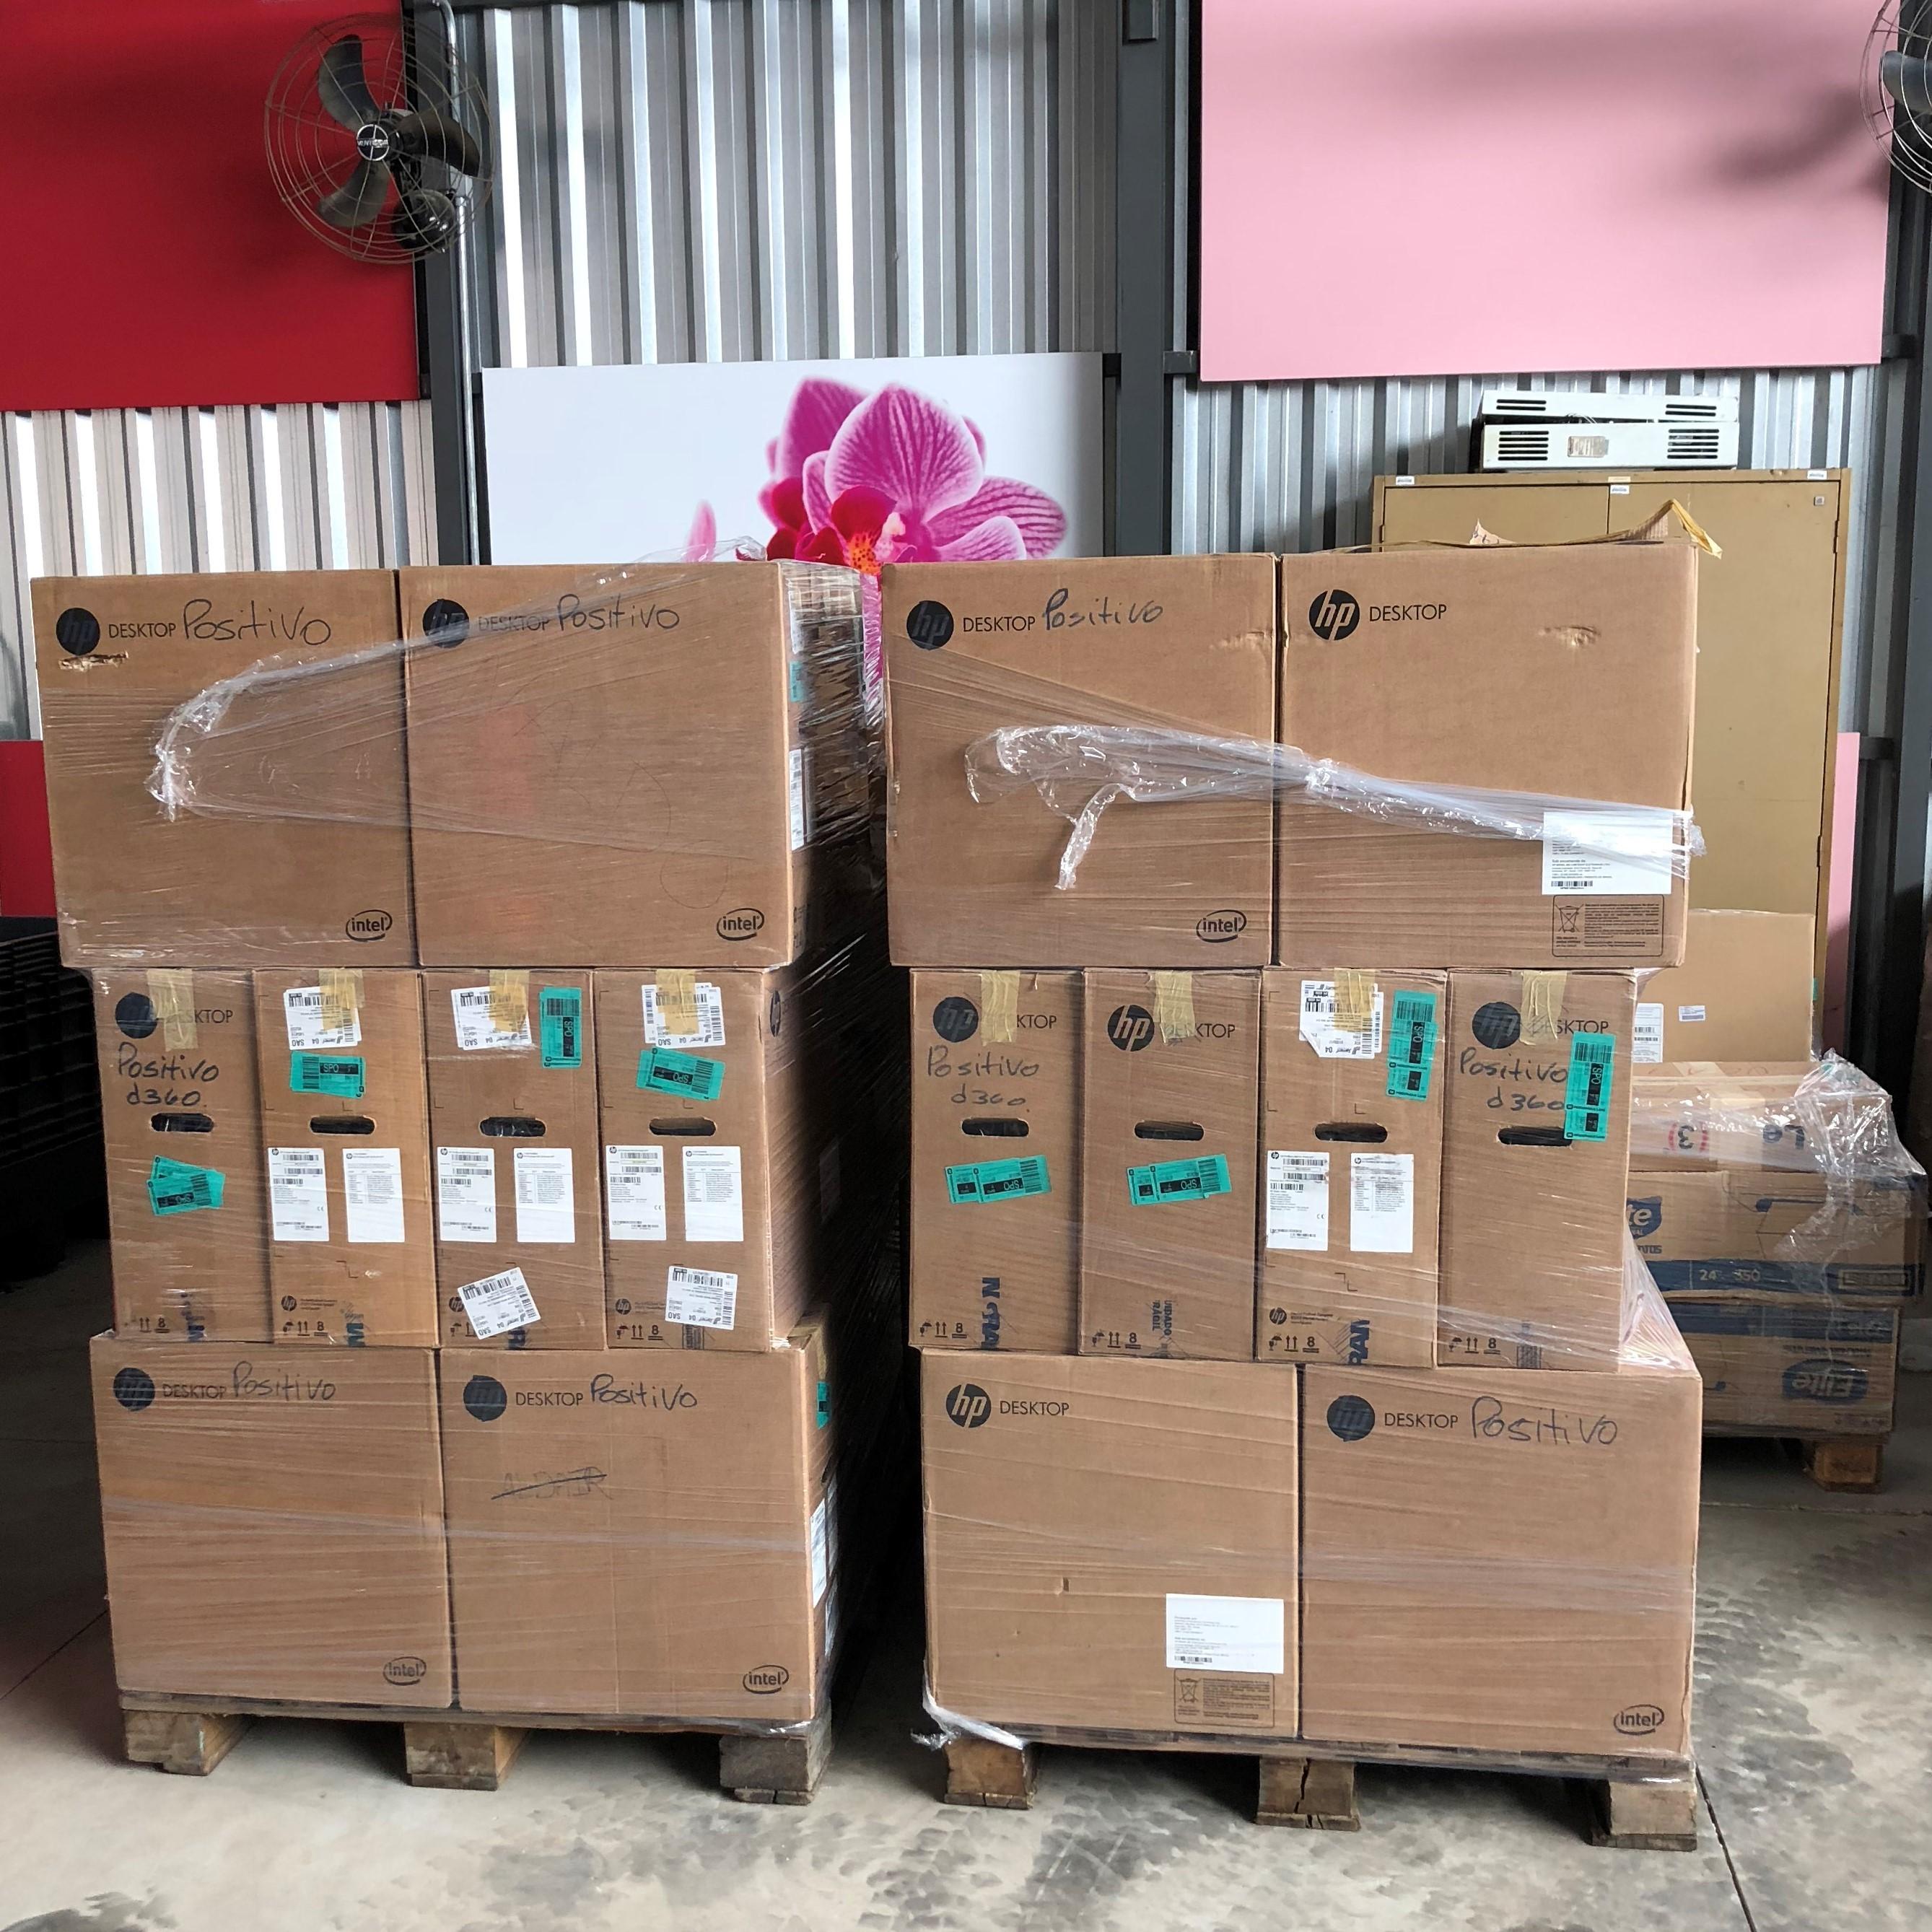 caixas-comsputares-empilhada